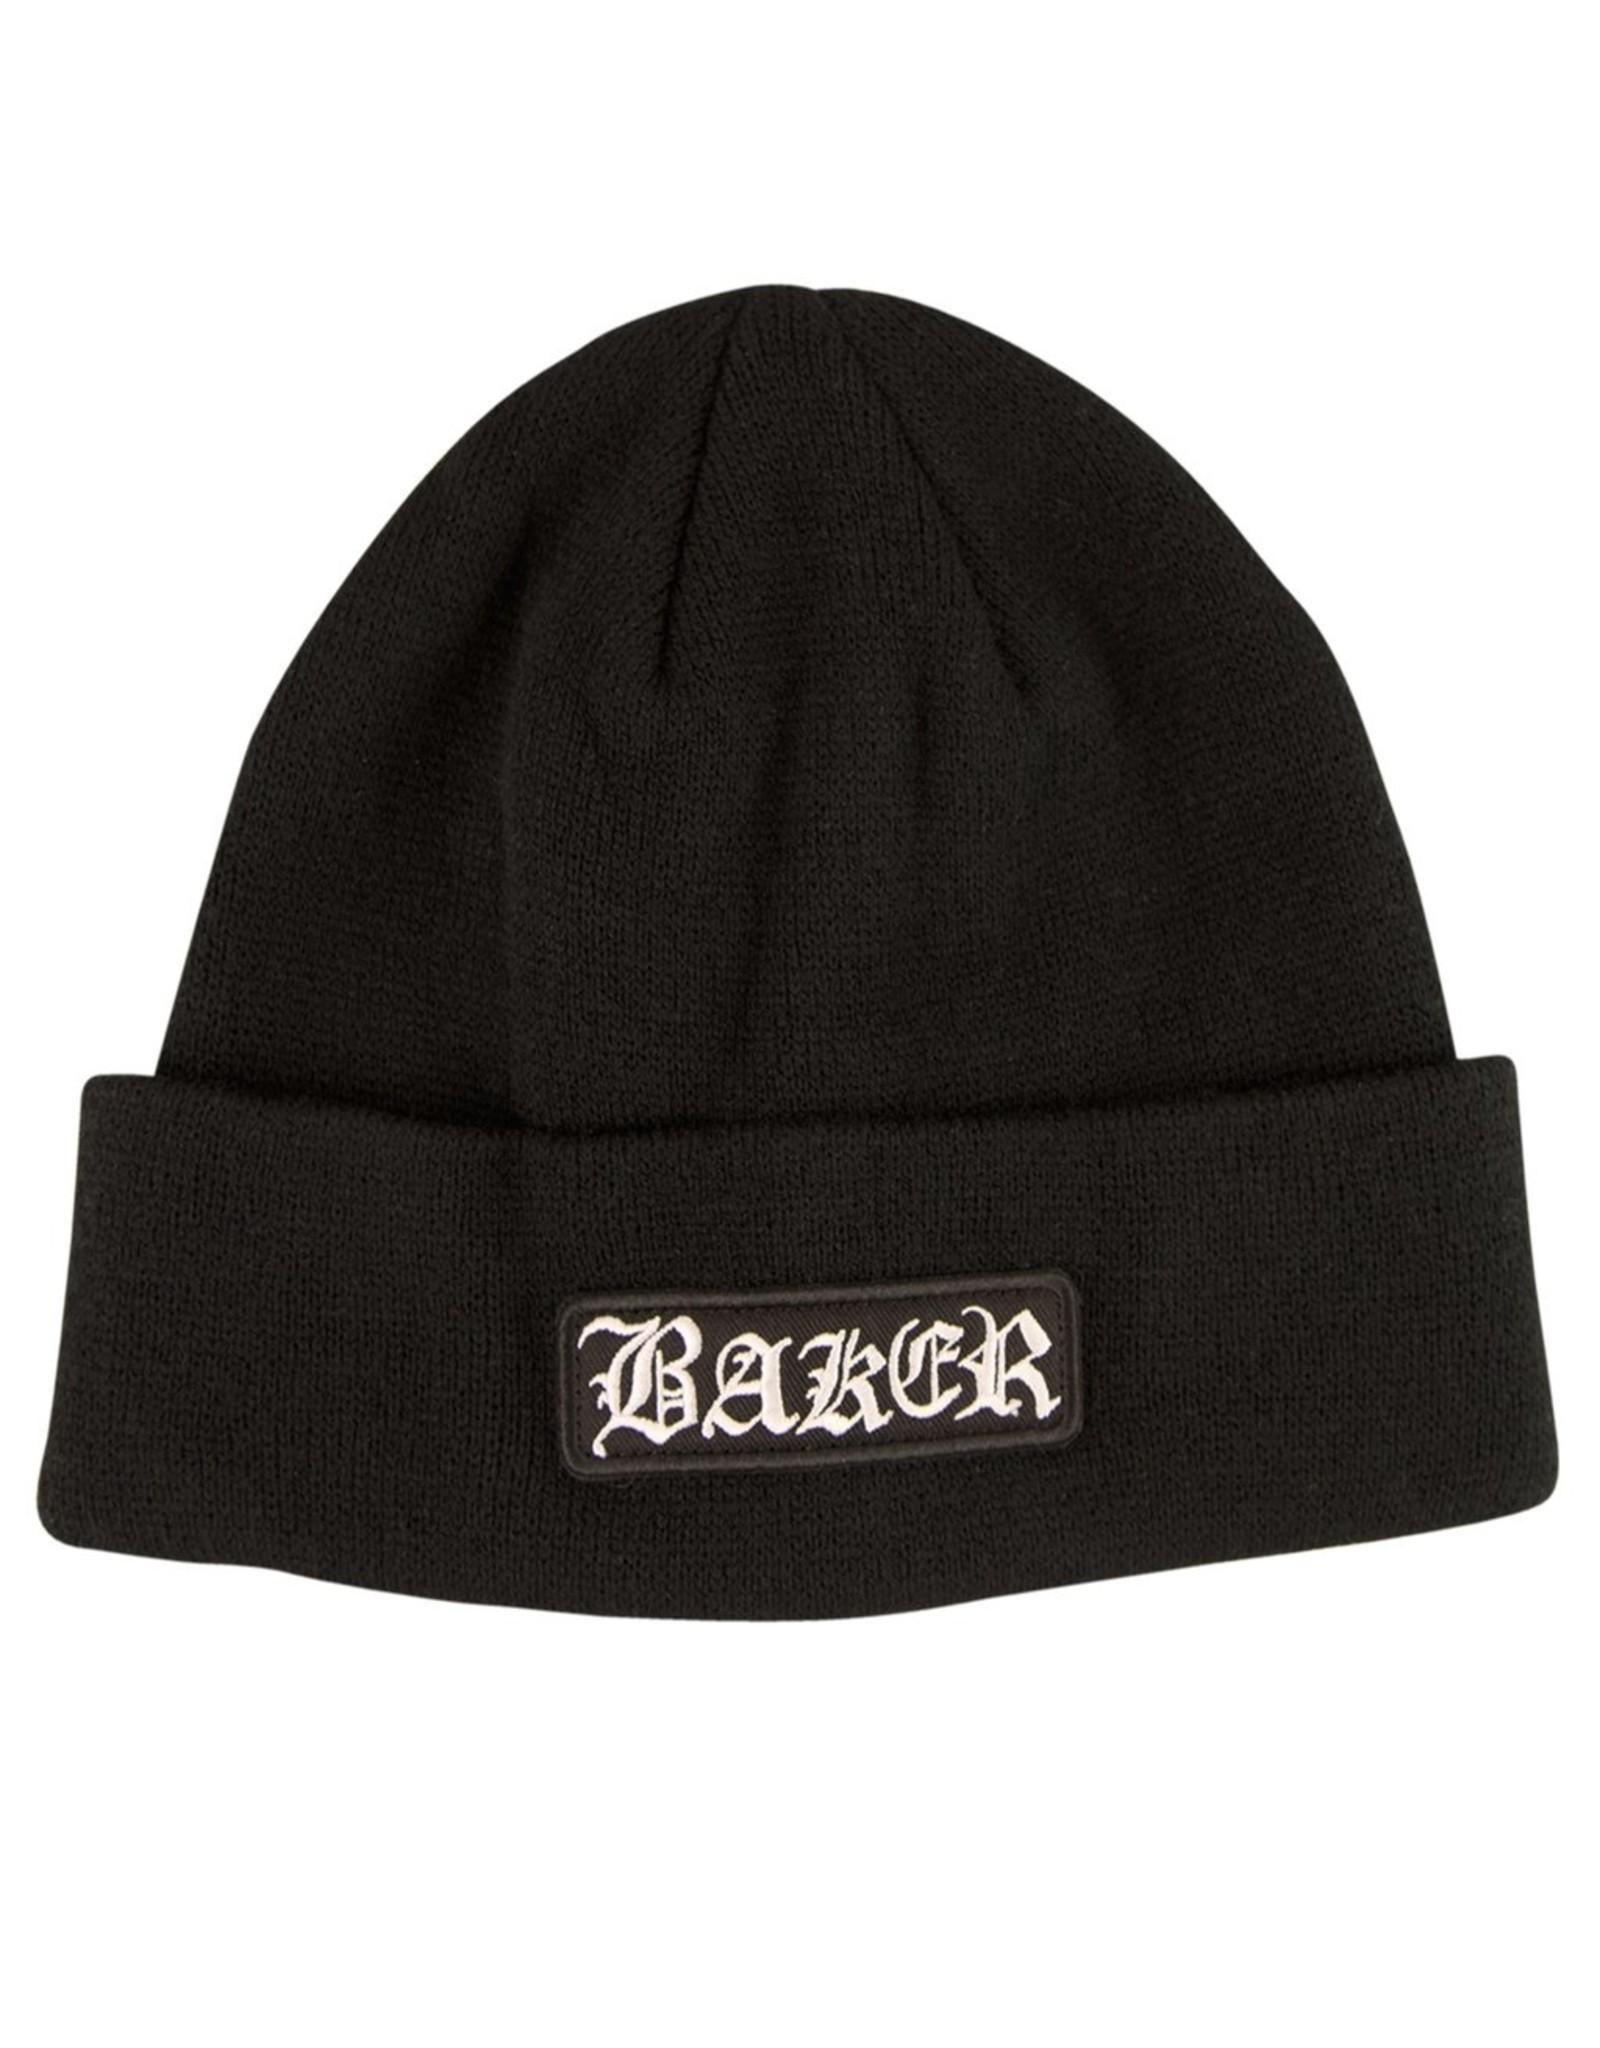 BAKER BAKER - OAKLAND BEANIE BLACK